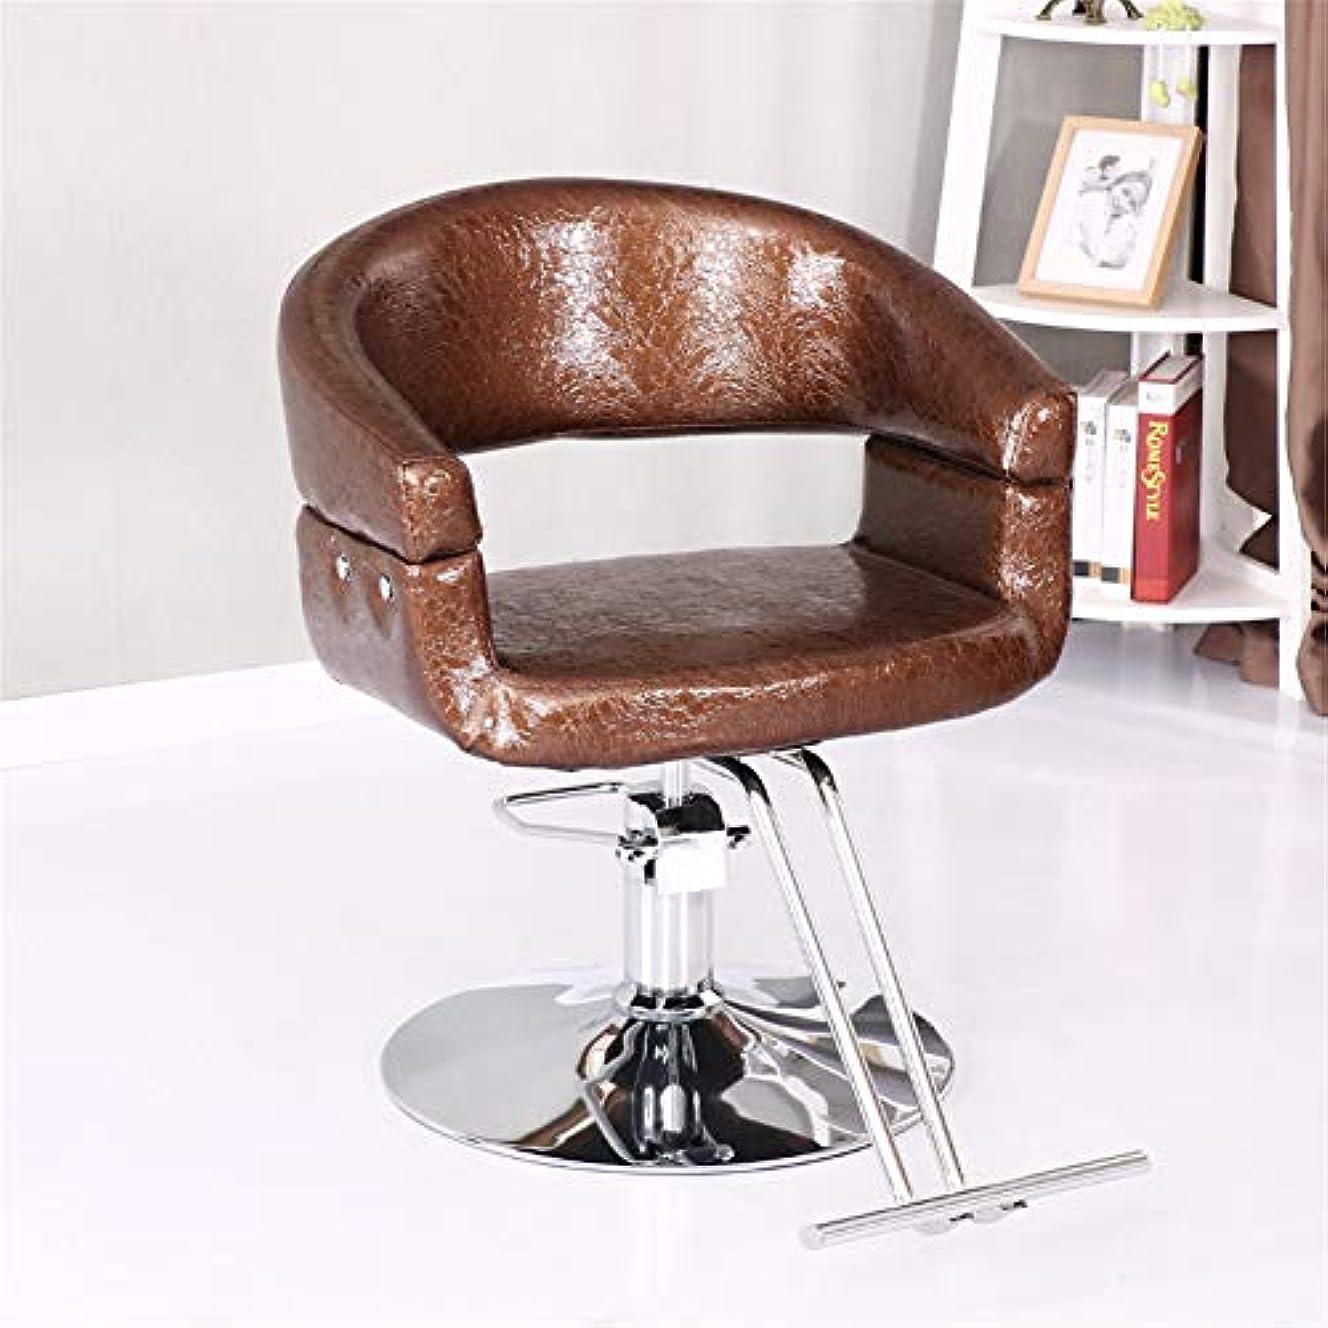 パーク再生的けん引Salon Chair Fashion Hydraulic Barber Chair Styling Beauty Salon Equipment Round Base Stable Comfort,Brown,B